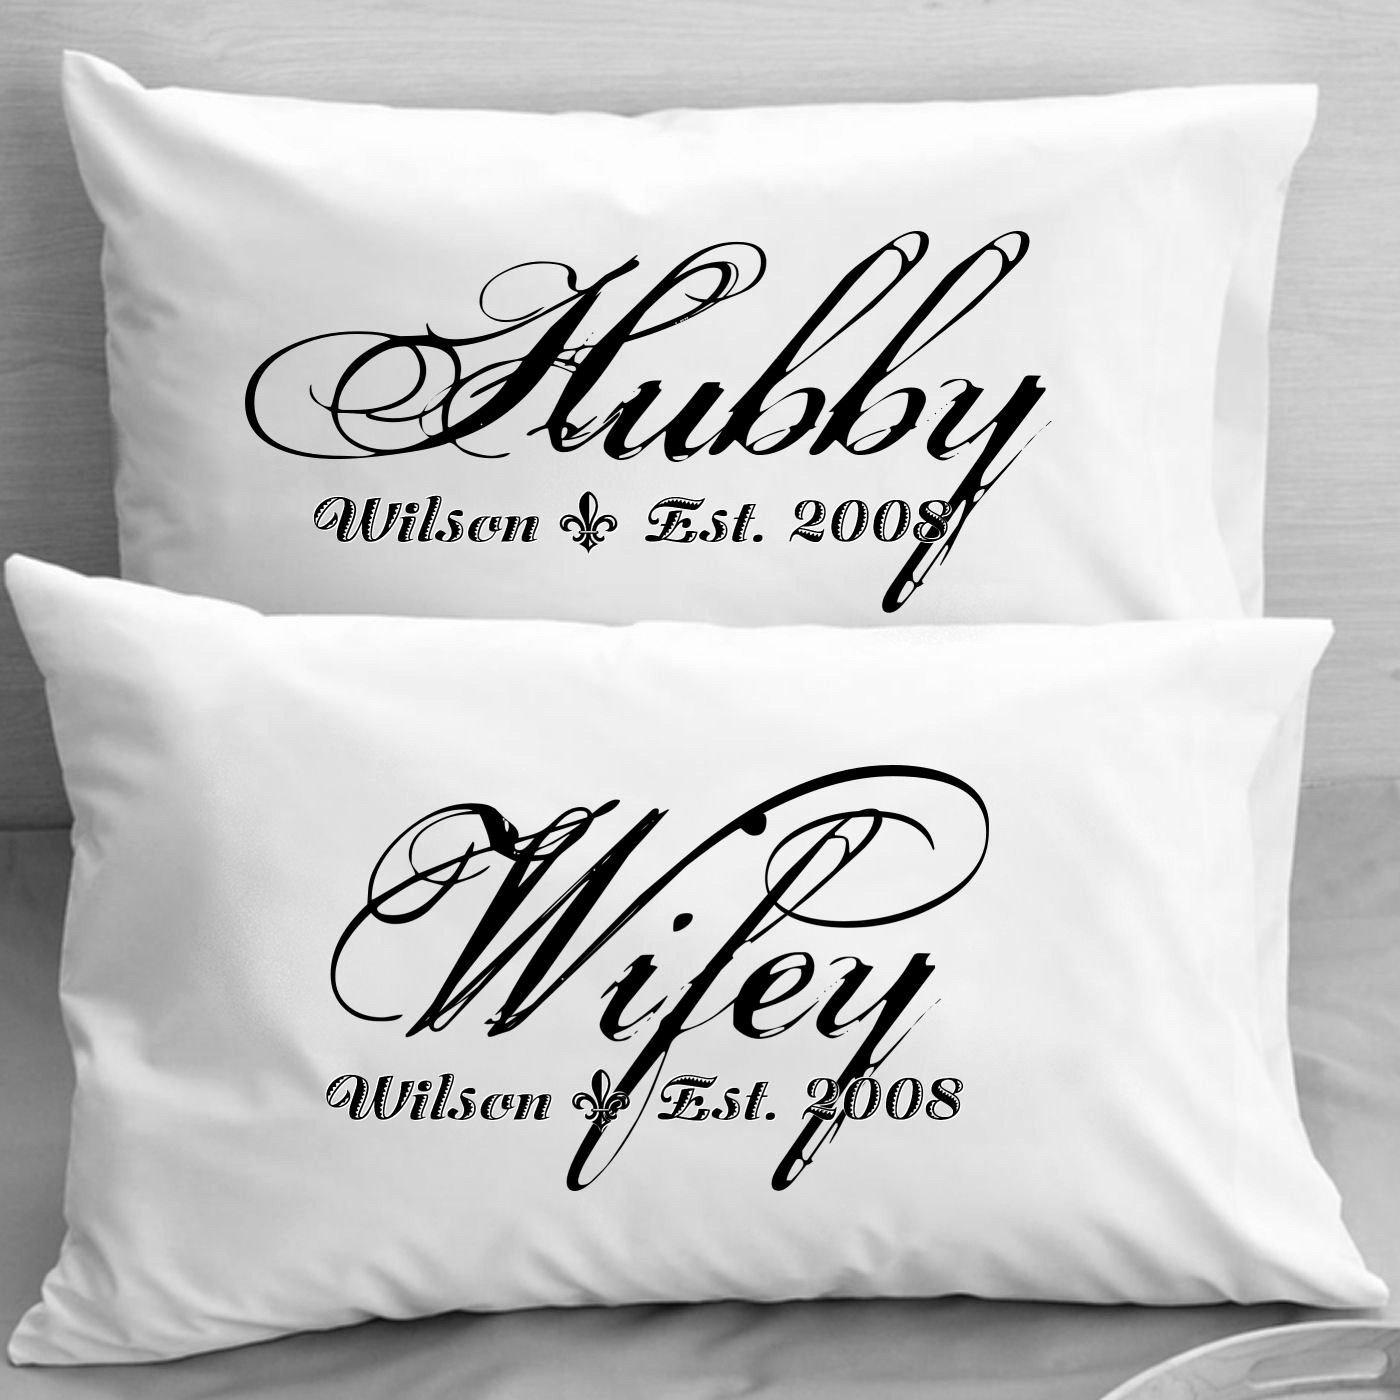 10 Beautiful 2Nd Year Wedding Anniversary Gift Ideas ideas for 2nd wedding anniversary gift for husband new stunning 15 2021